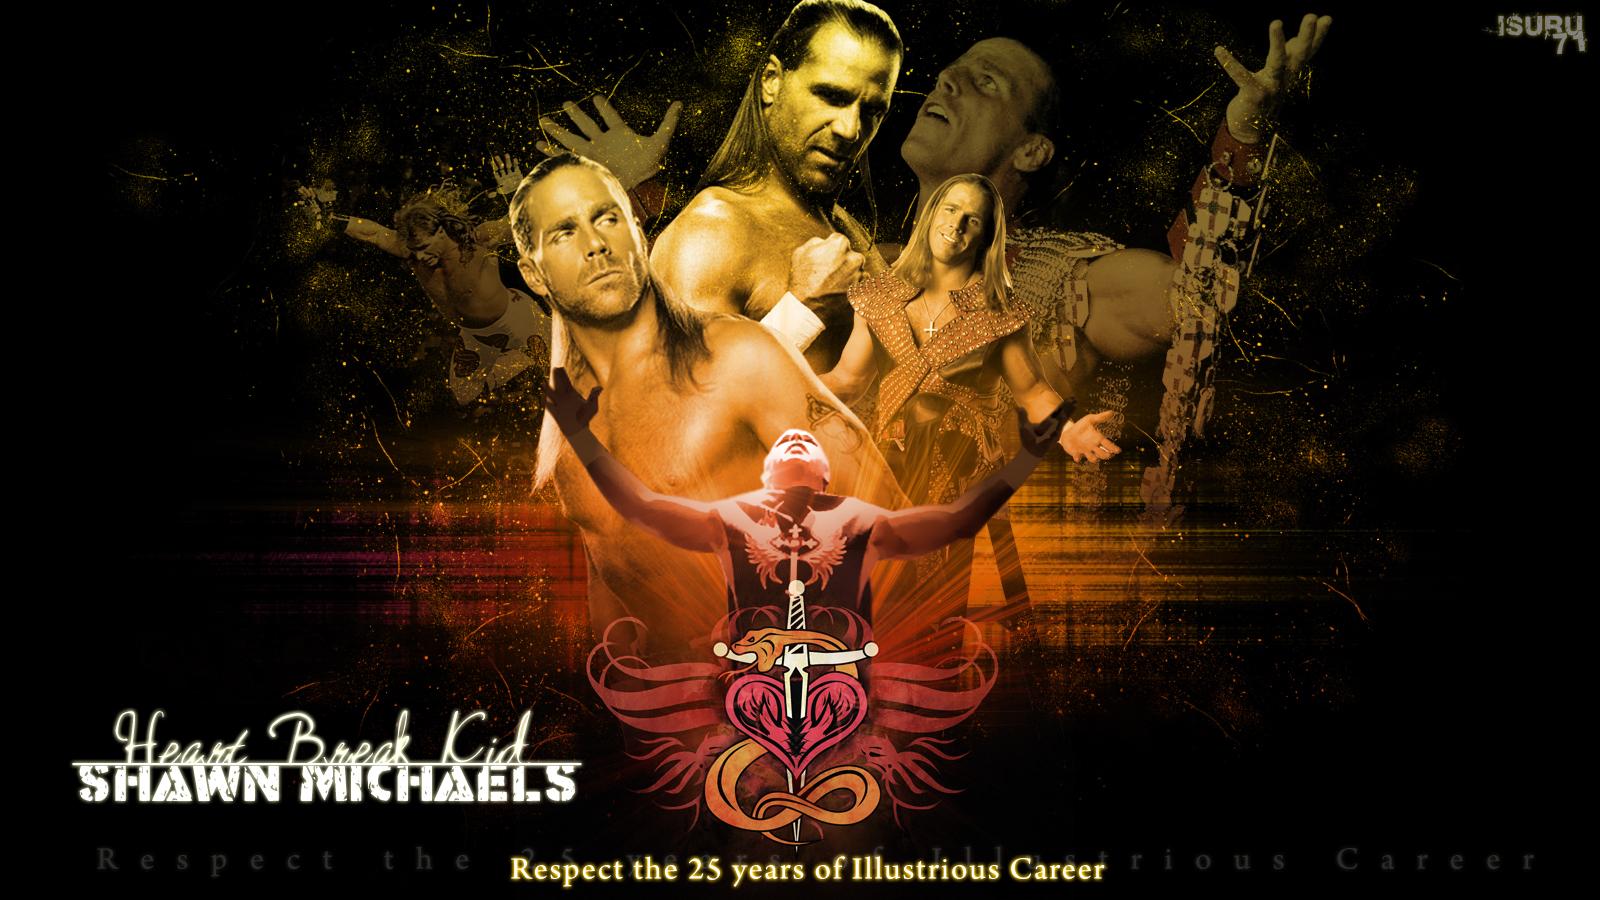 HBK - Shawn Michaels Wallpaper - 1204.8KB